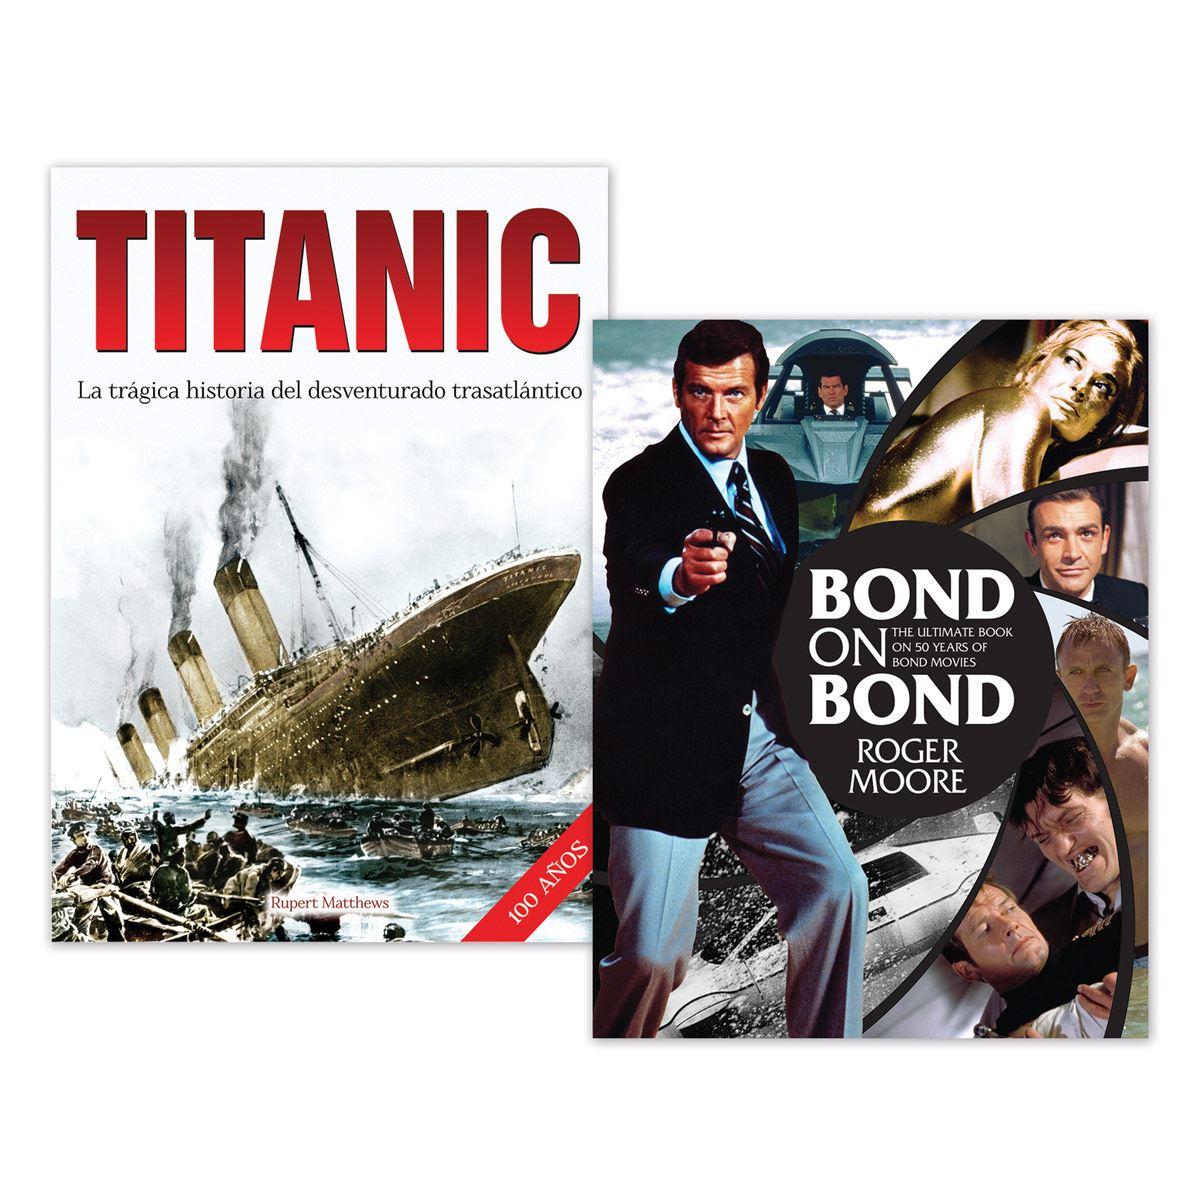 Paquete Bond on Bond - Titanic